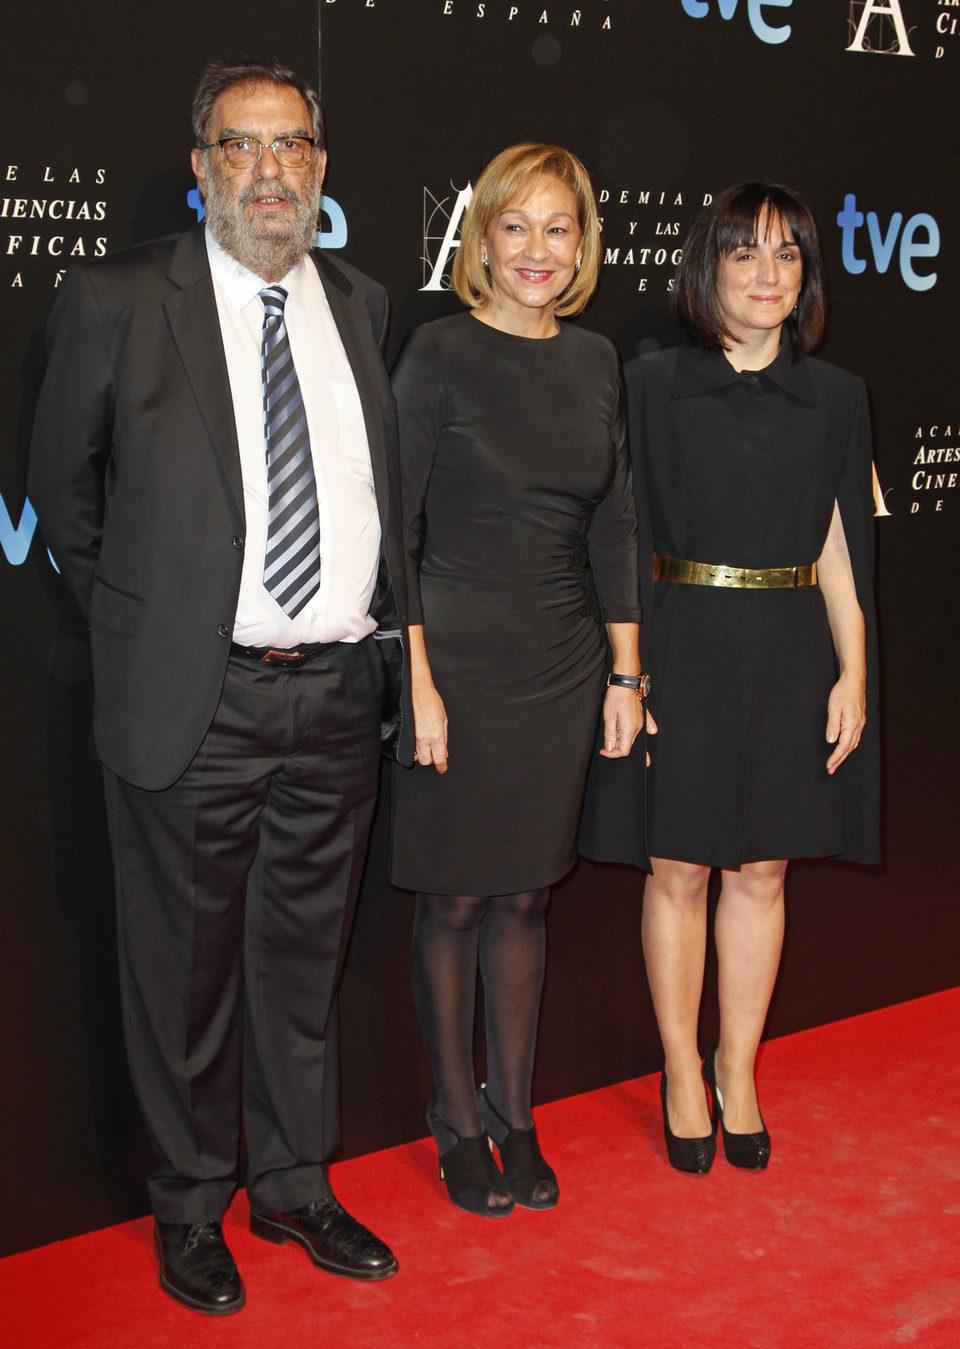 Enrique González Macho en la cena de los nominados a los Goya 2013